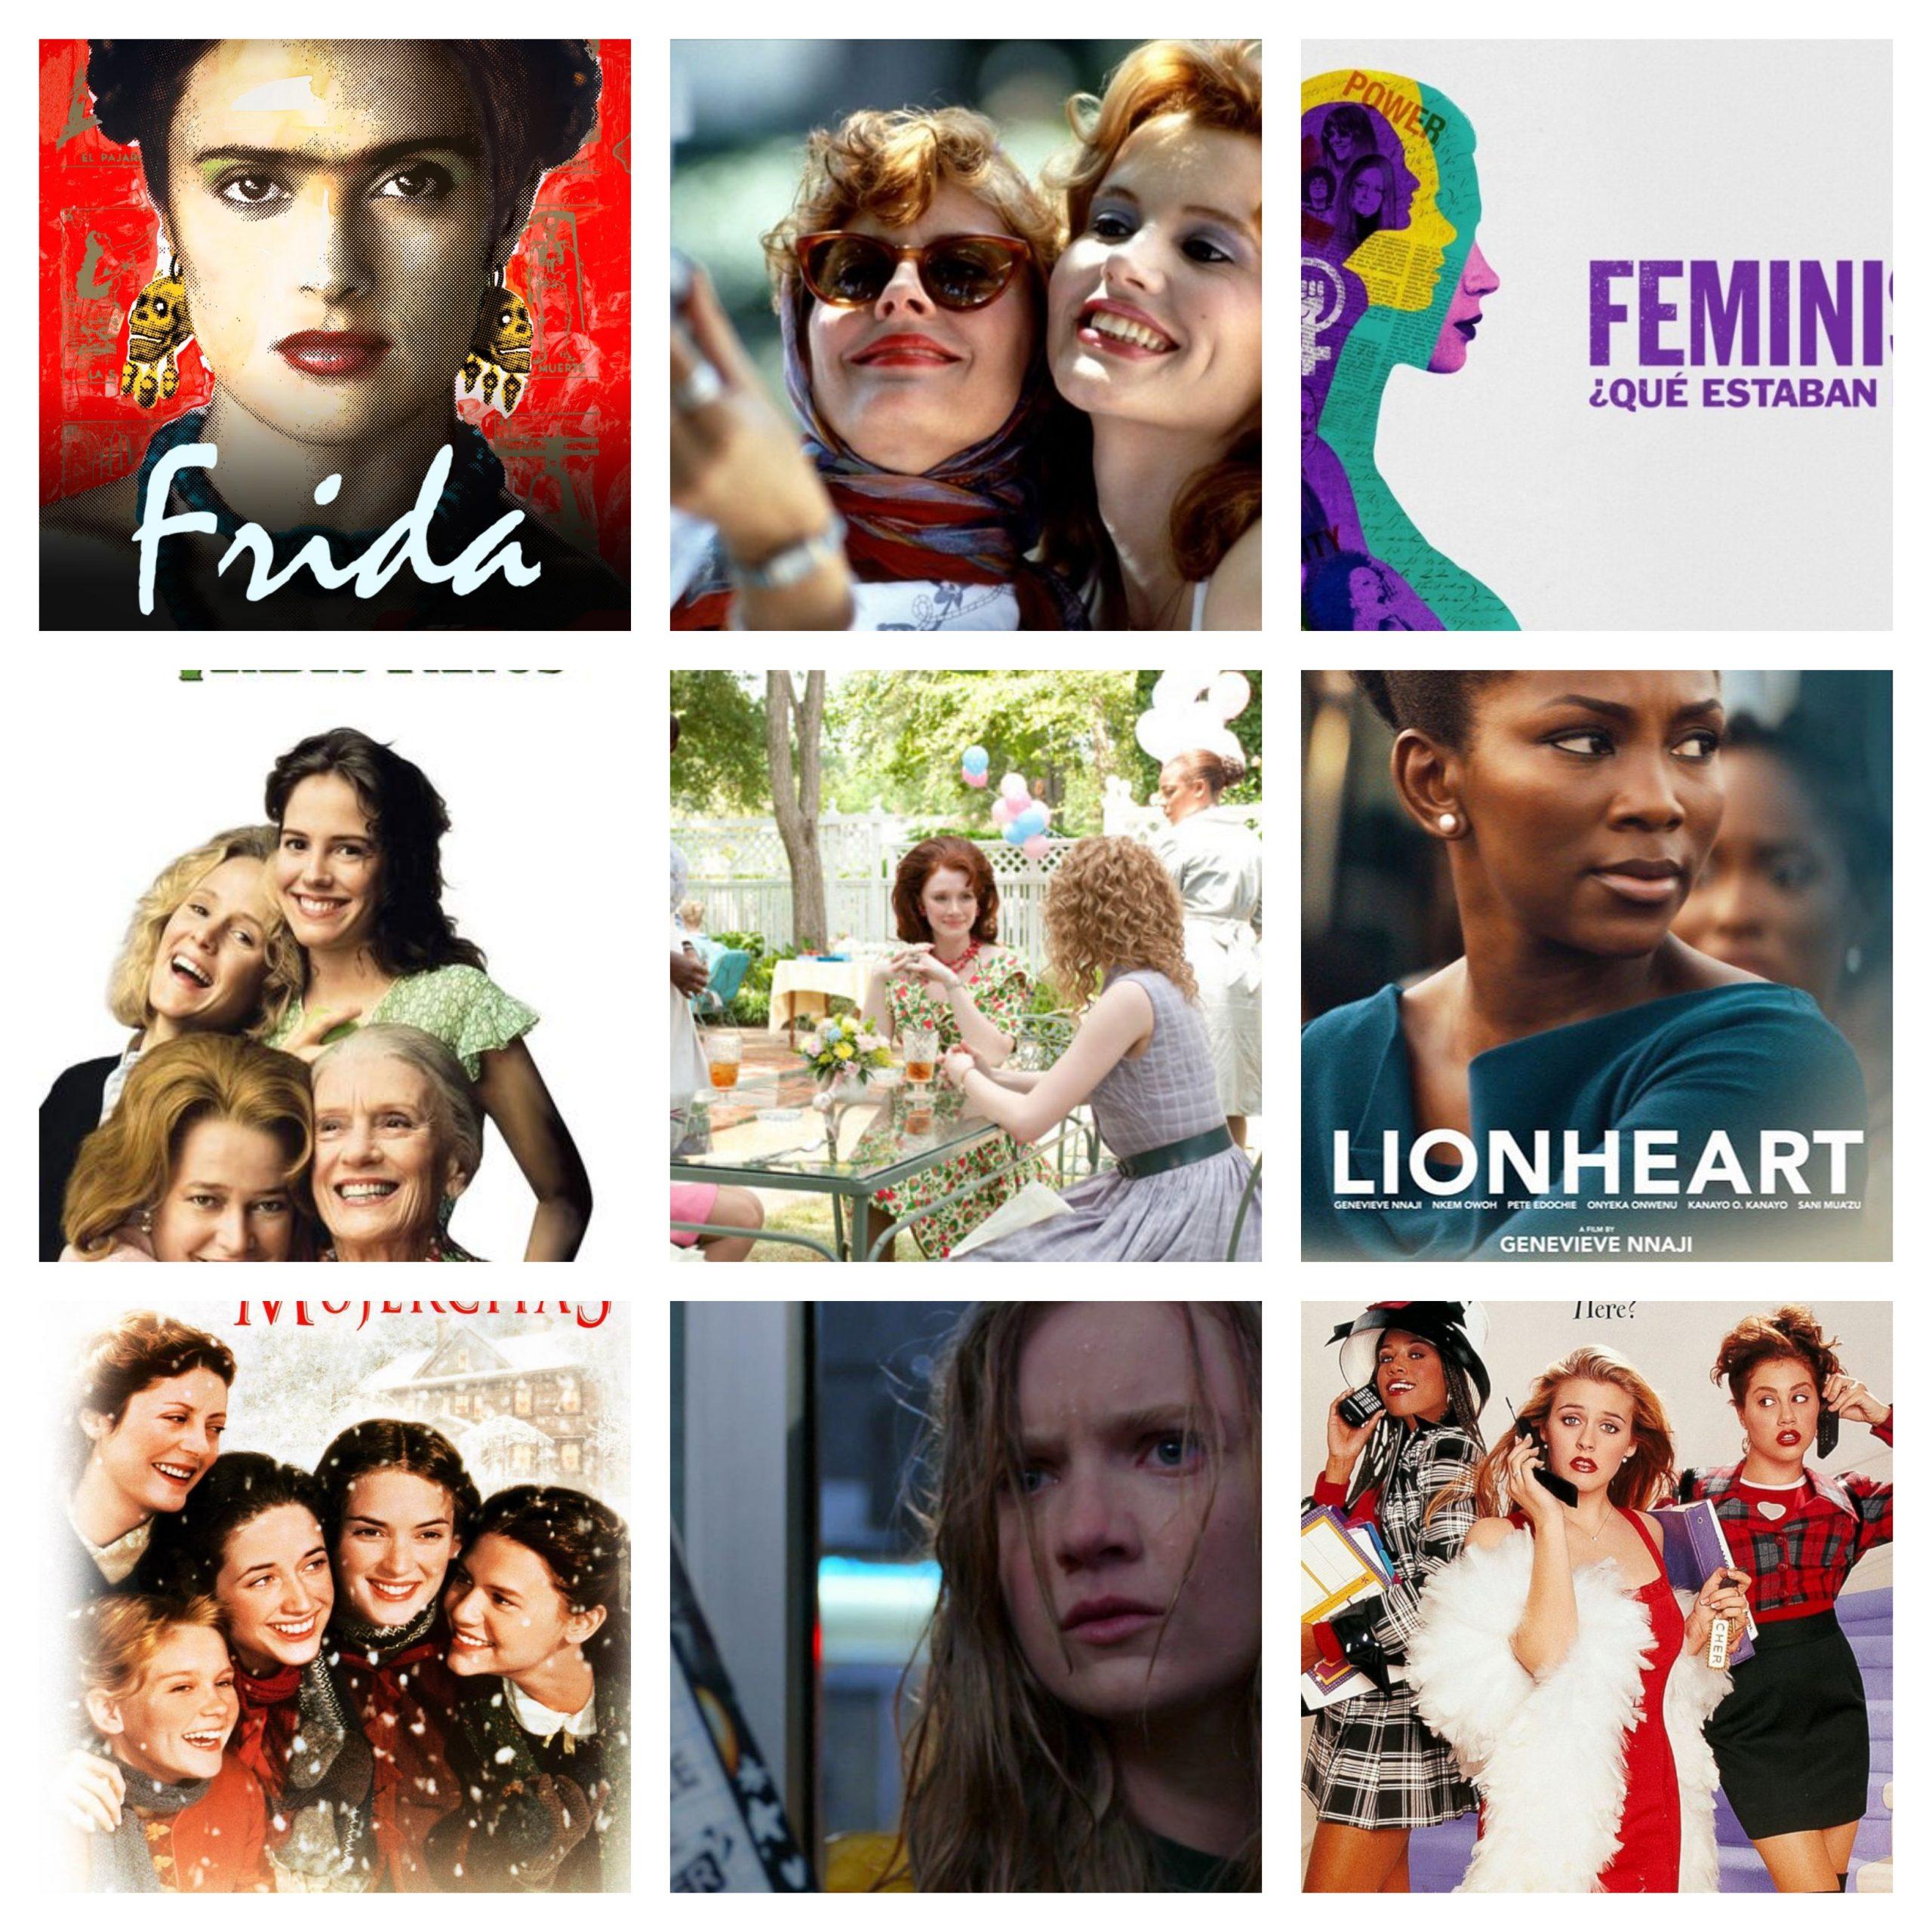 17 películas para celebrar el Día de la Mujer